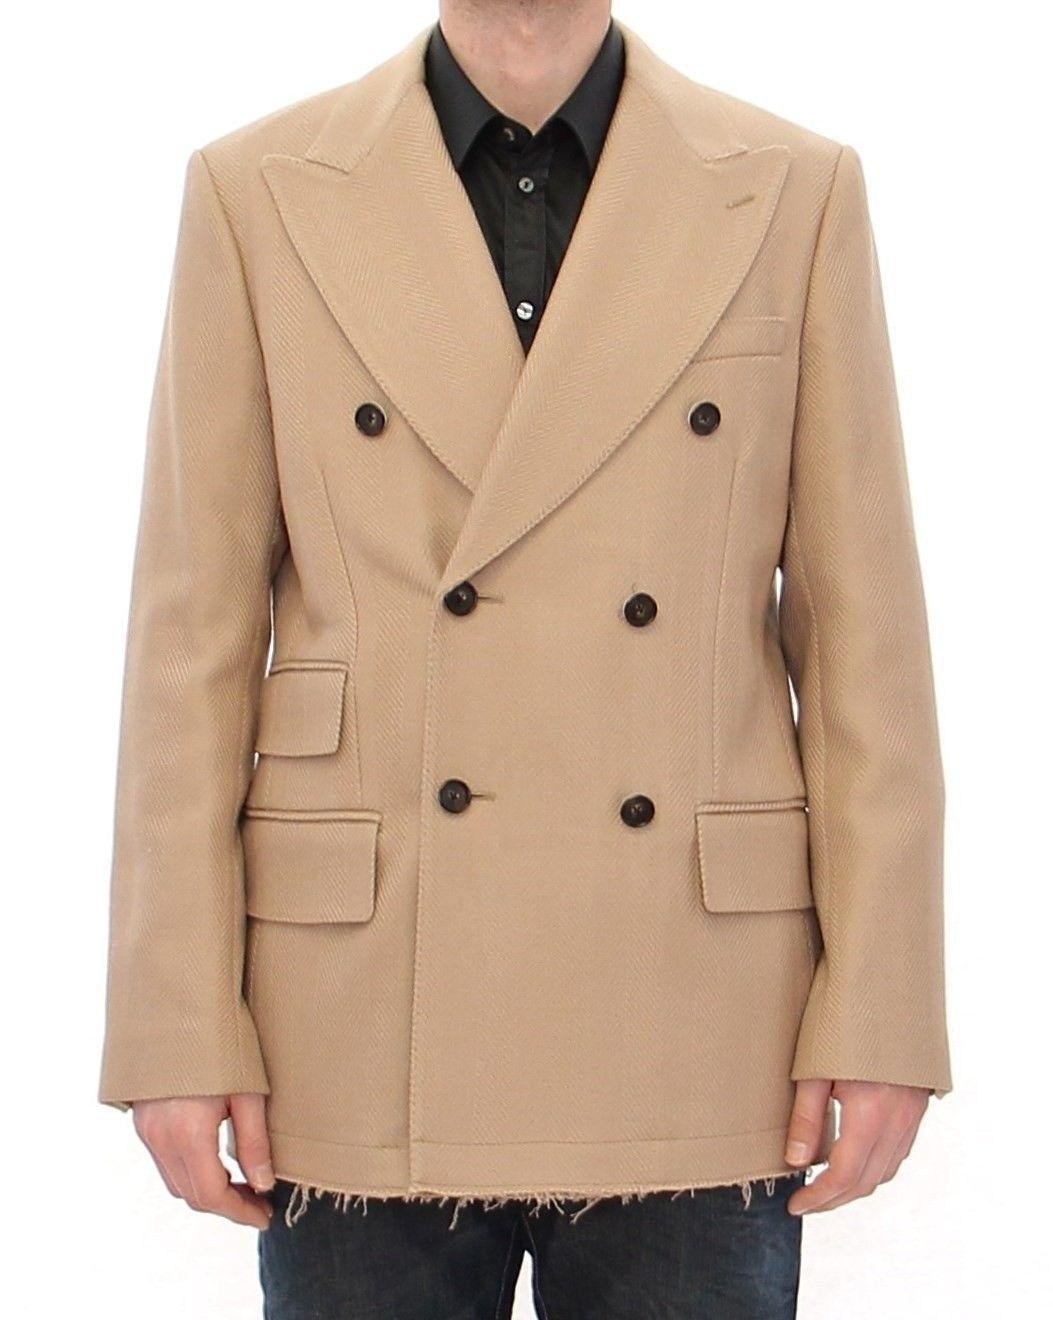 Dolce & Gabbana Men's Double Breasted Coat Beige GJH10801 - IT52 | XL